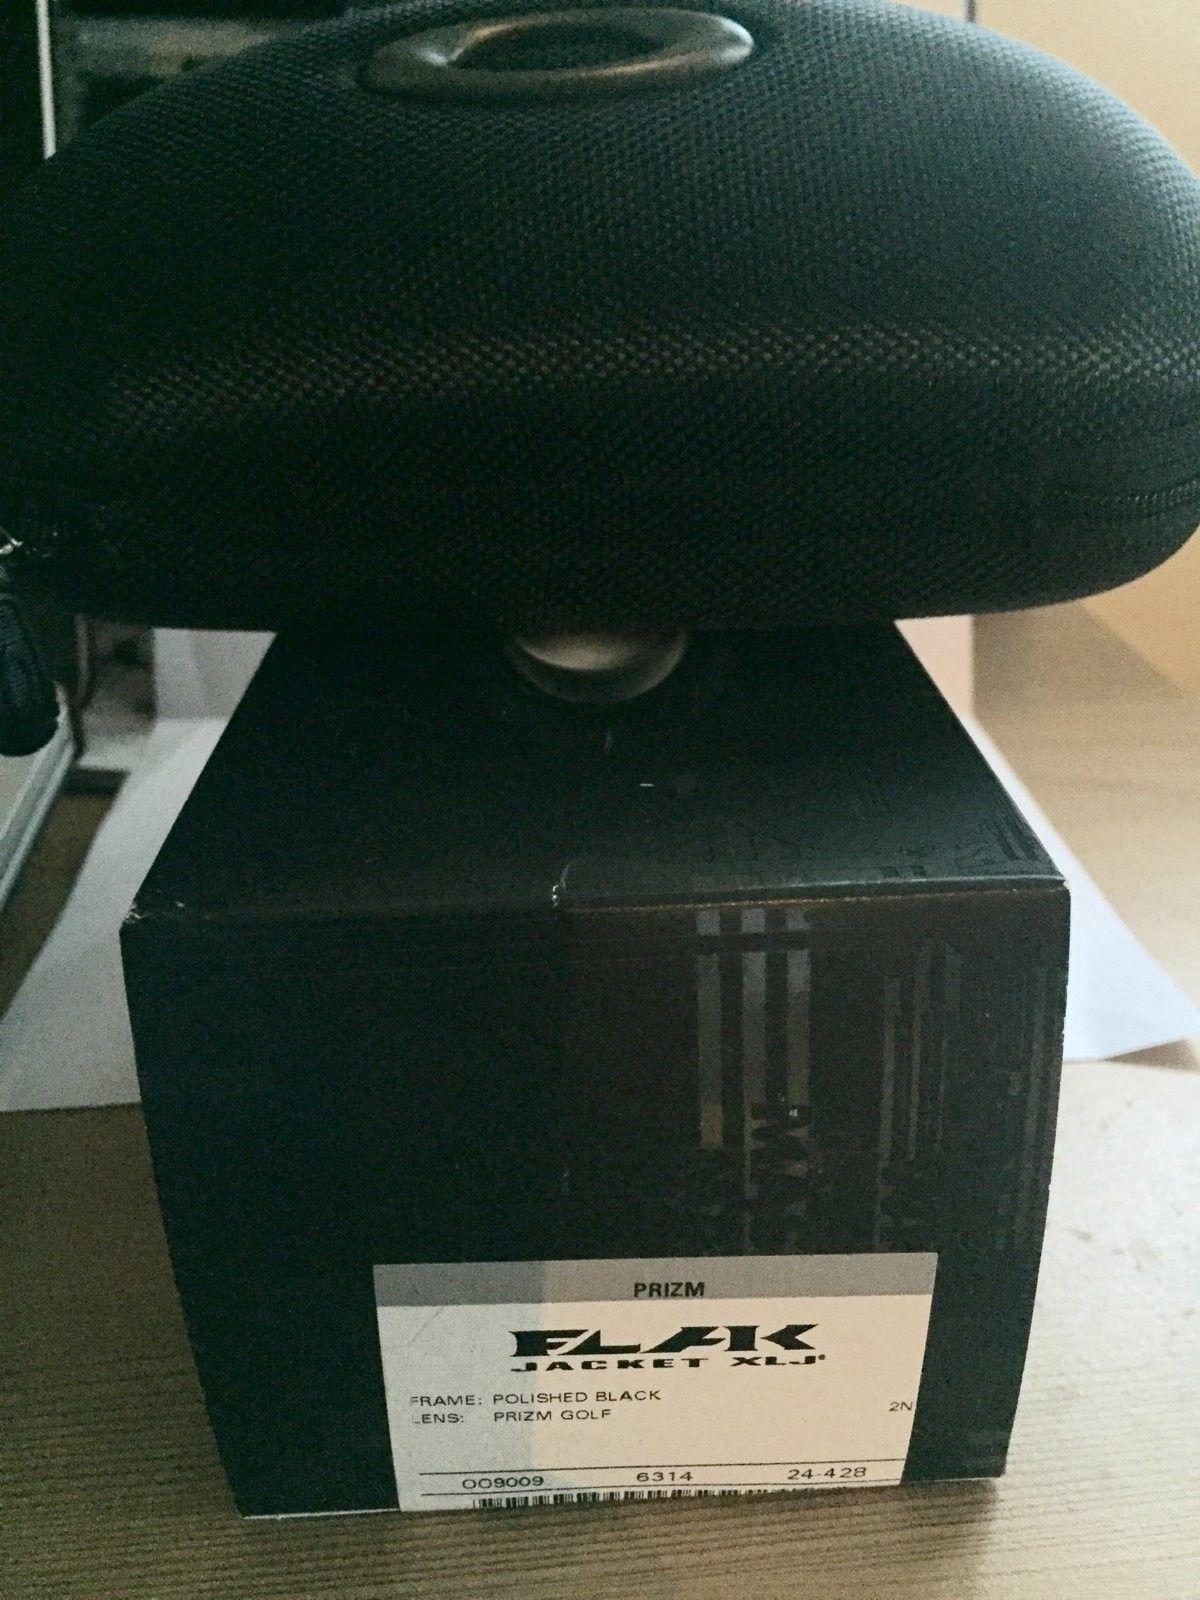 100 USD BNIB Flak Jacket XLJ with Prizm Golf lenses. - image.jpeg